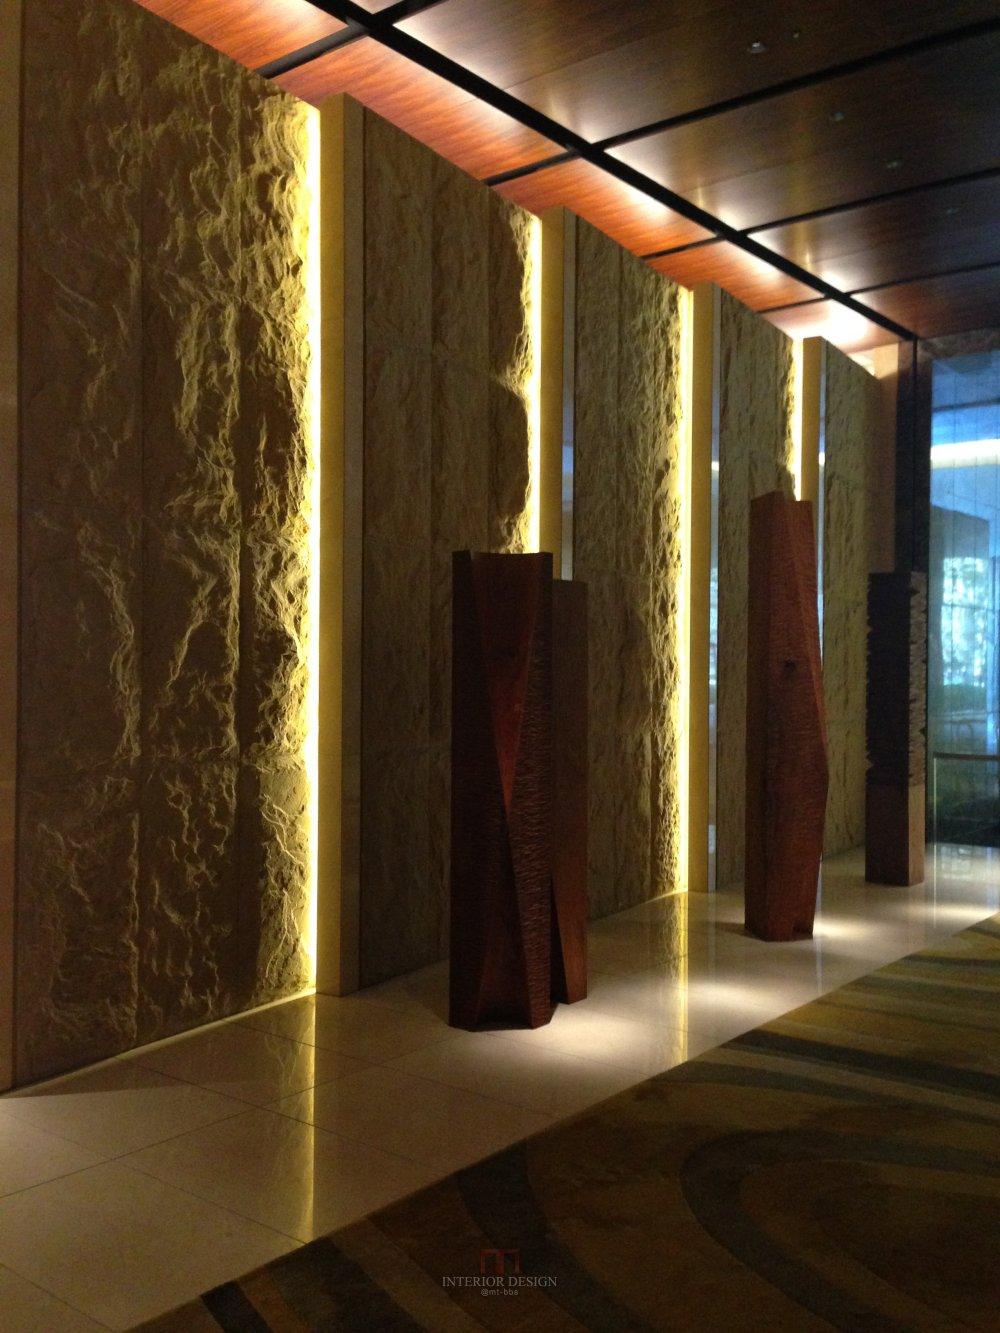 #伙伴一起看日本#  日本设计考察分享(更新美秀美术馆)_IMG_4764.JPG